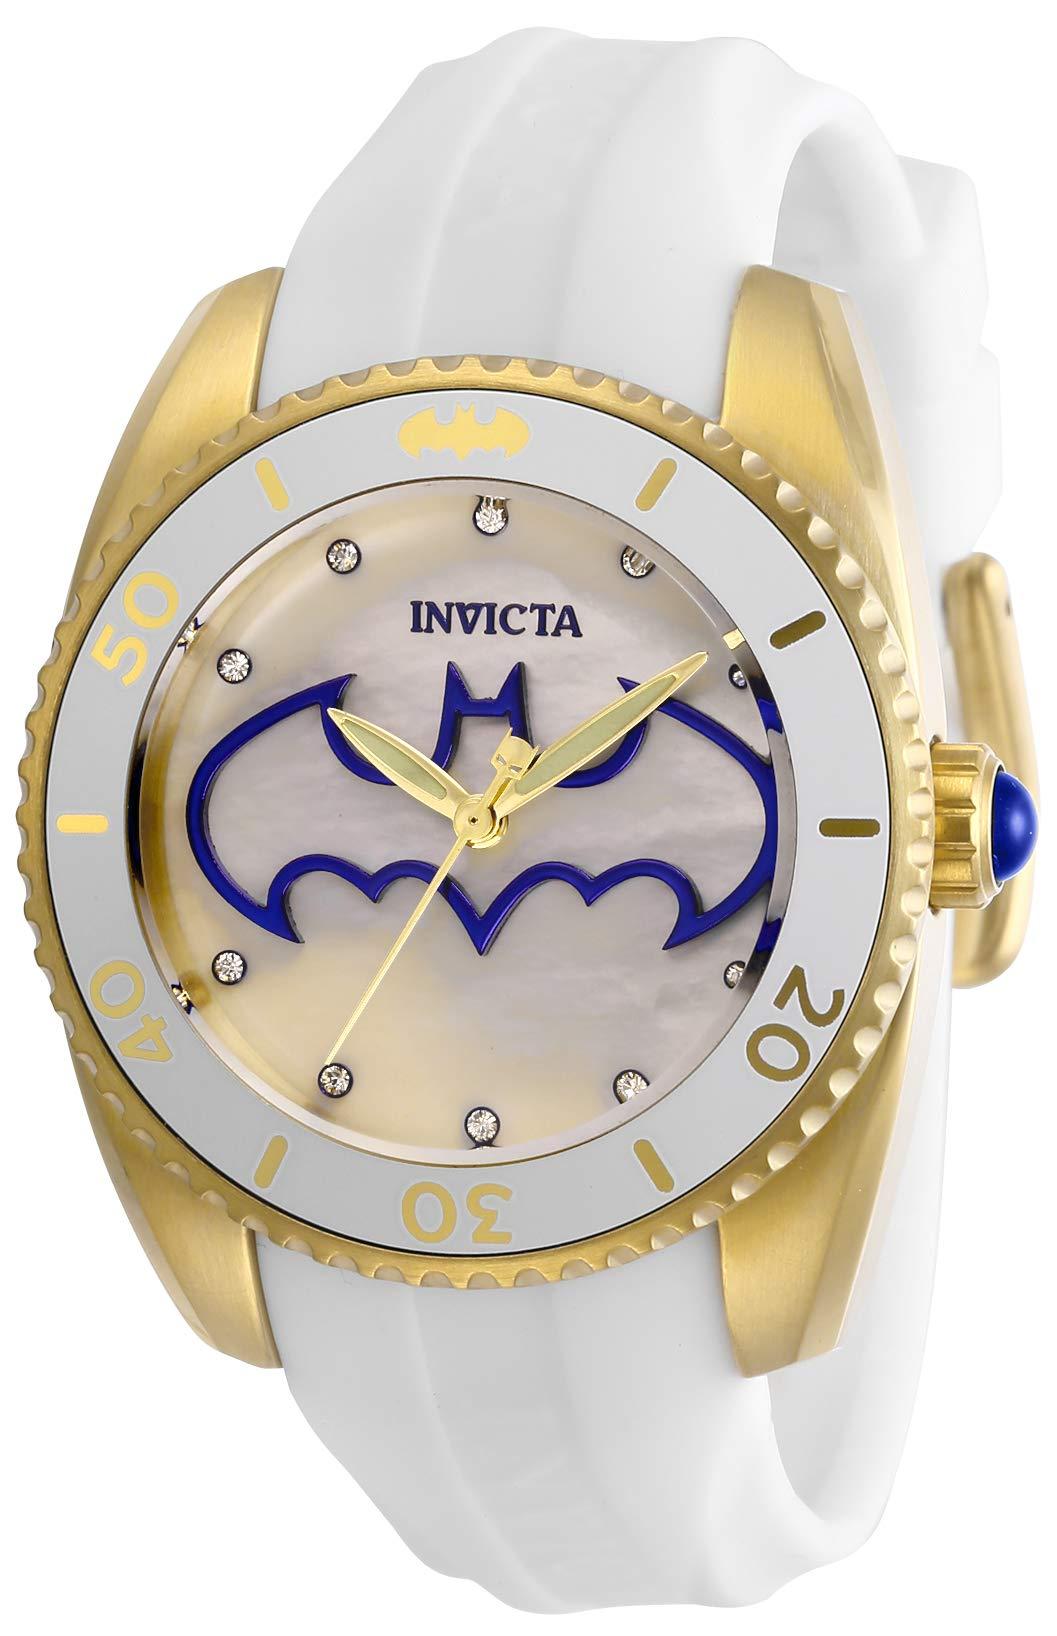 ویکالا · خرید  اصل اورجینال · خرید از آمازون · Invicta Women's DC Comics Stainless Steel Quartz Watch with Silicone Strap, White, 18 (Model: 29300) wekala · ویکالا